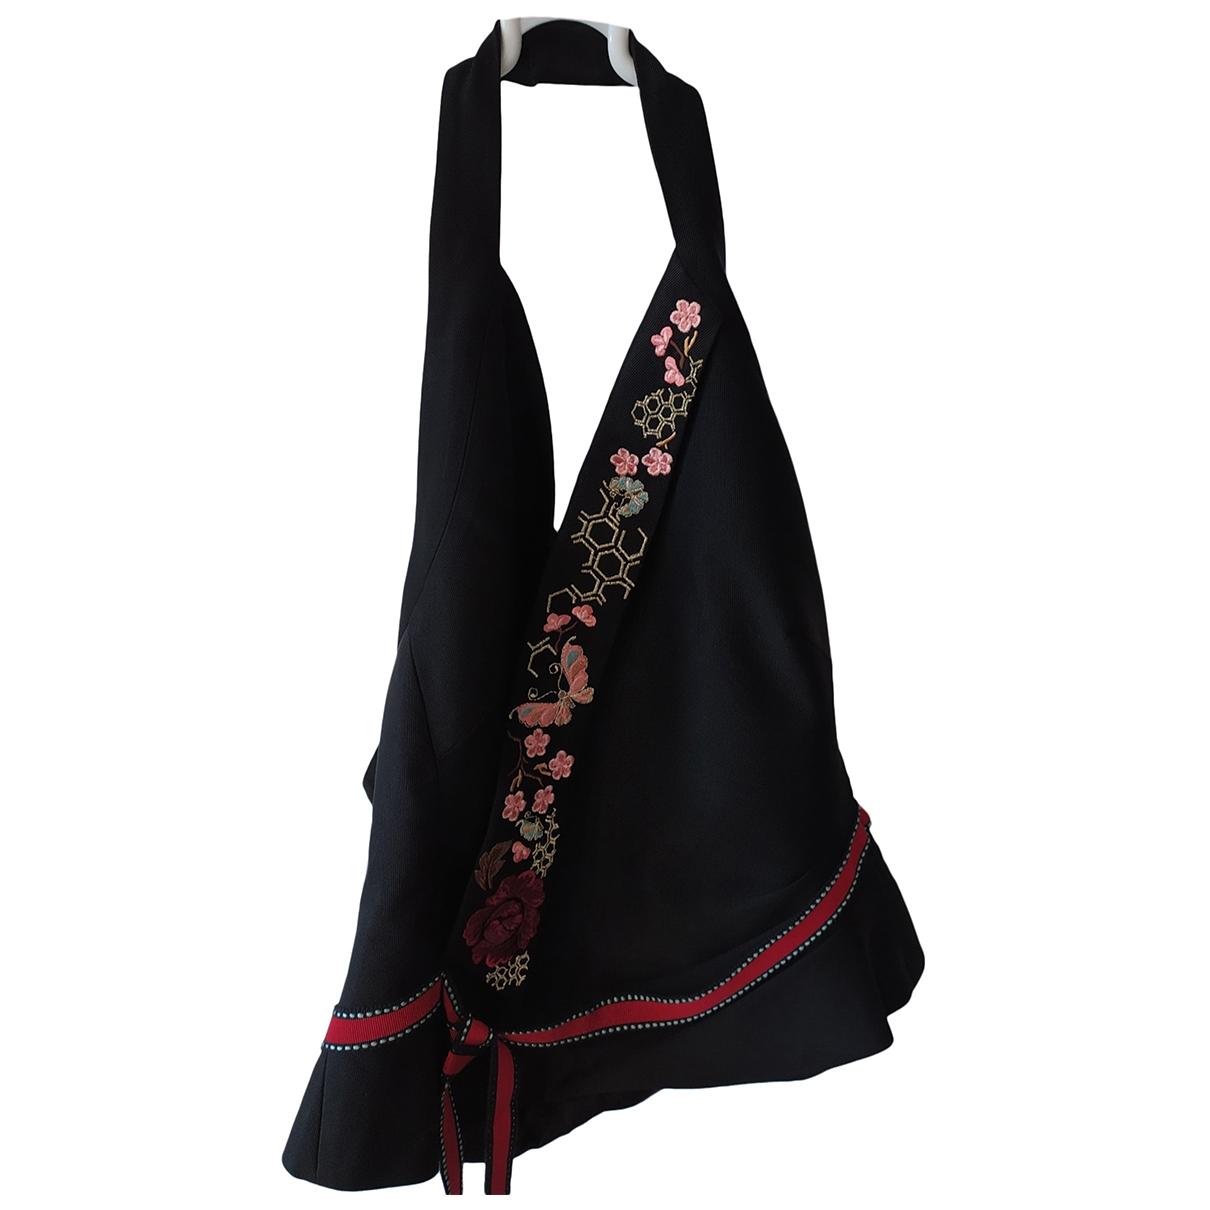 Karen Millen \N Black  top for Women 40 FR